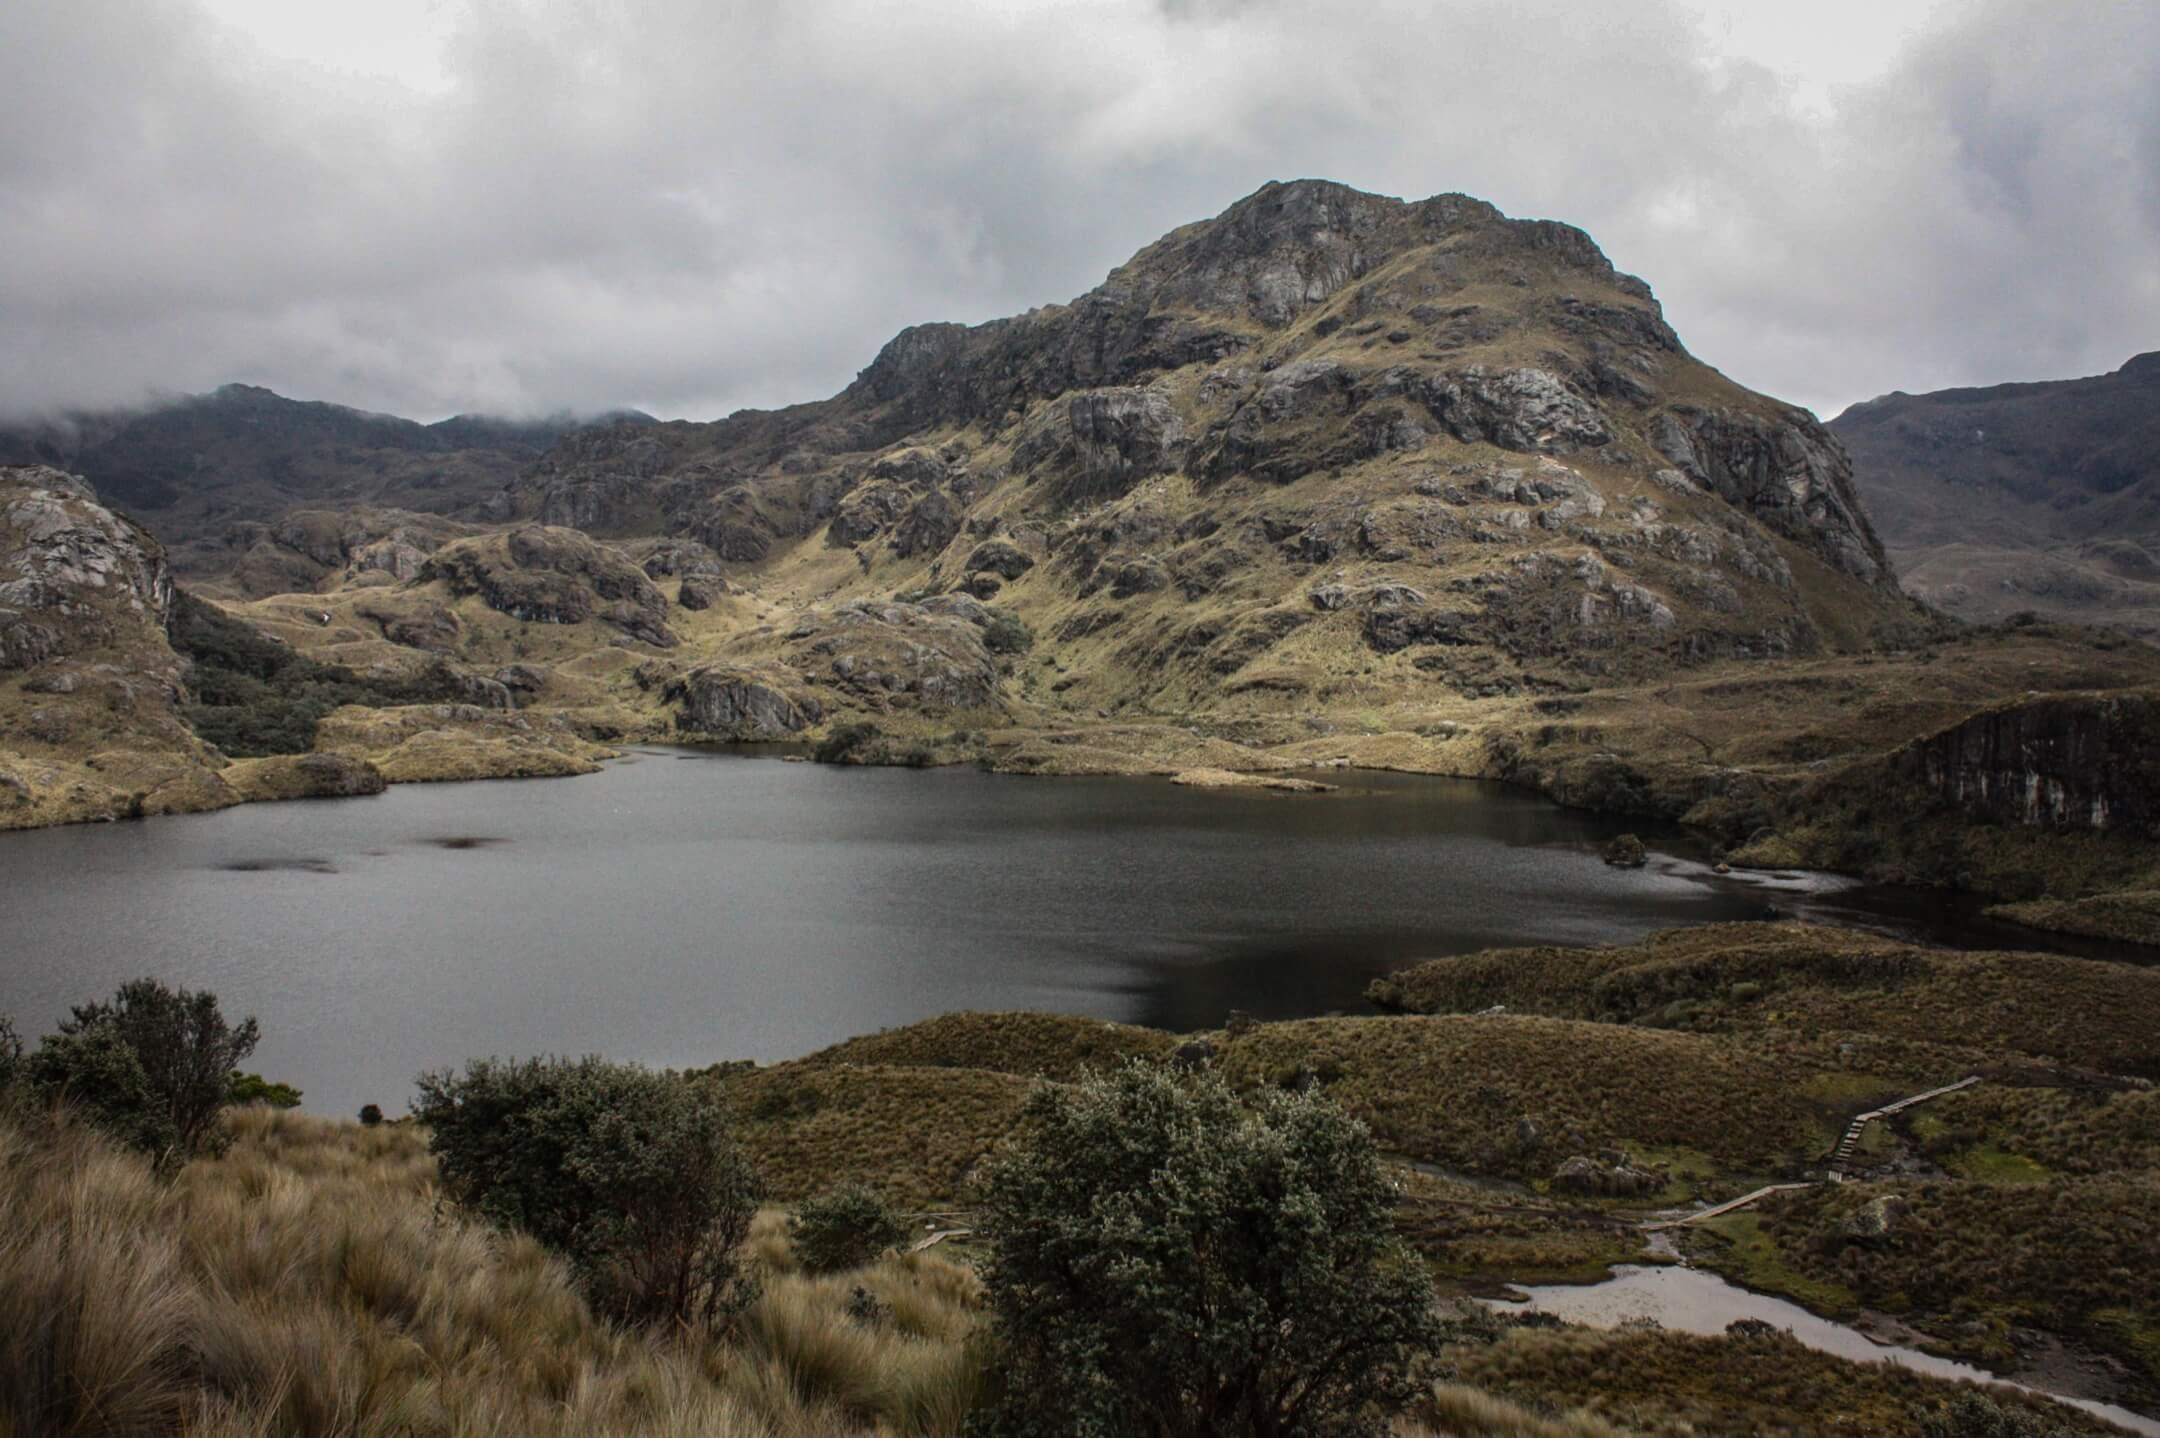 白河金礦緊挨着生態脆弱的 Cajas 國家公園,又和對於昆卡城和周邊城市很重要的水源相連,若開採則每小時要消耗近1000升水,一直面臨環保機構的挑戰。